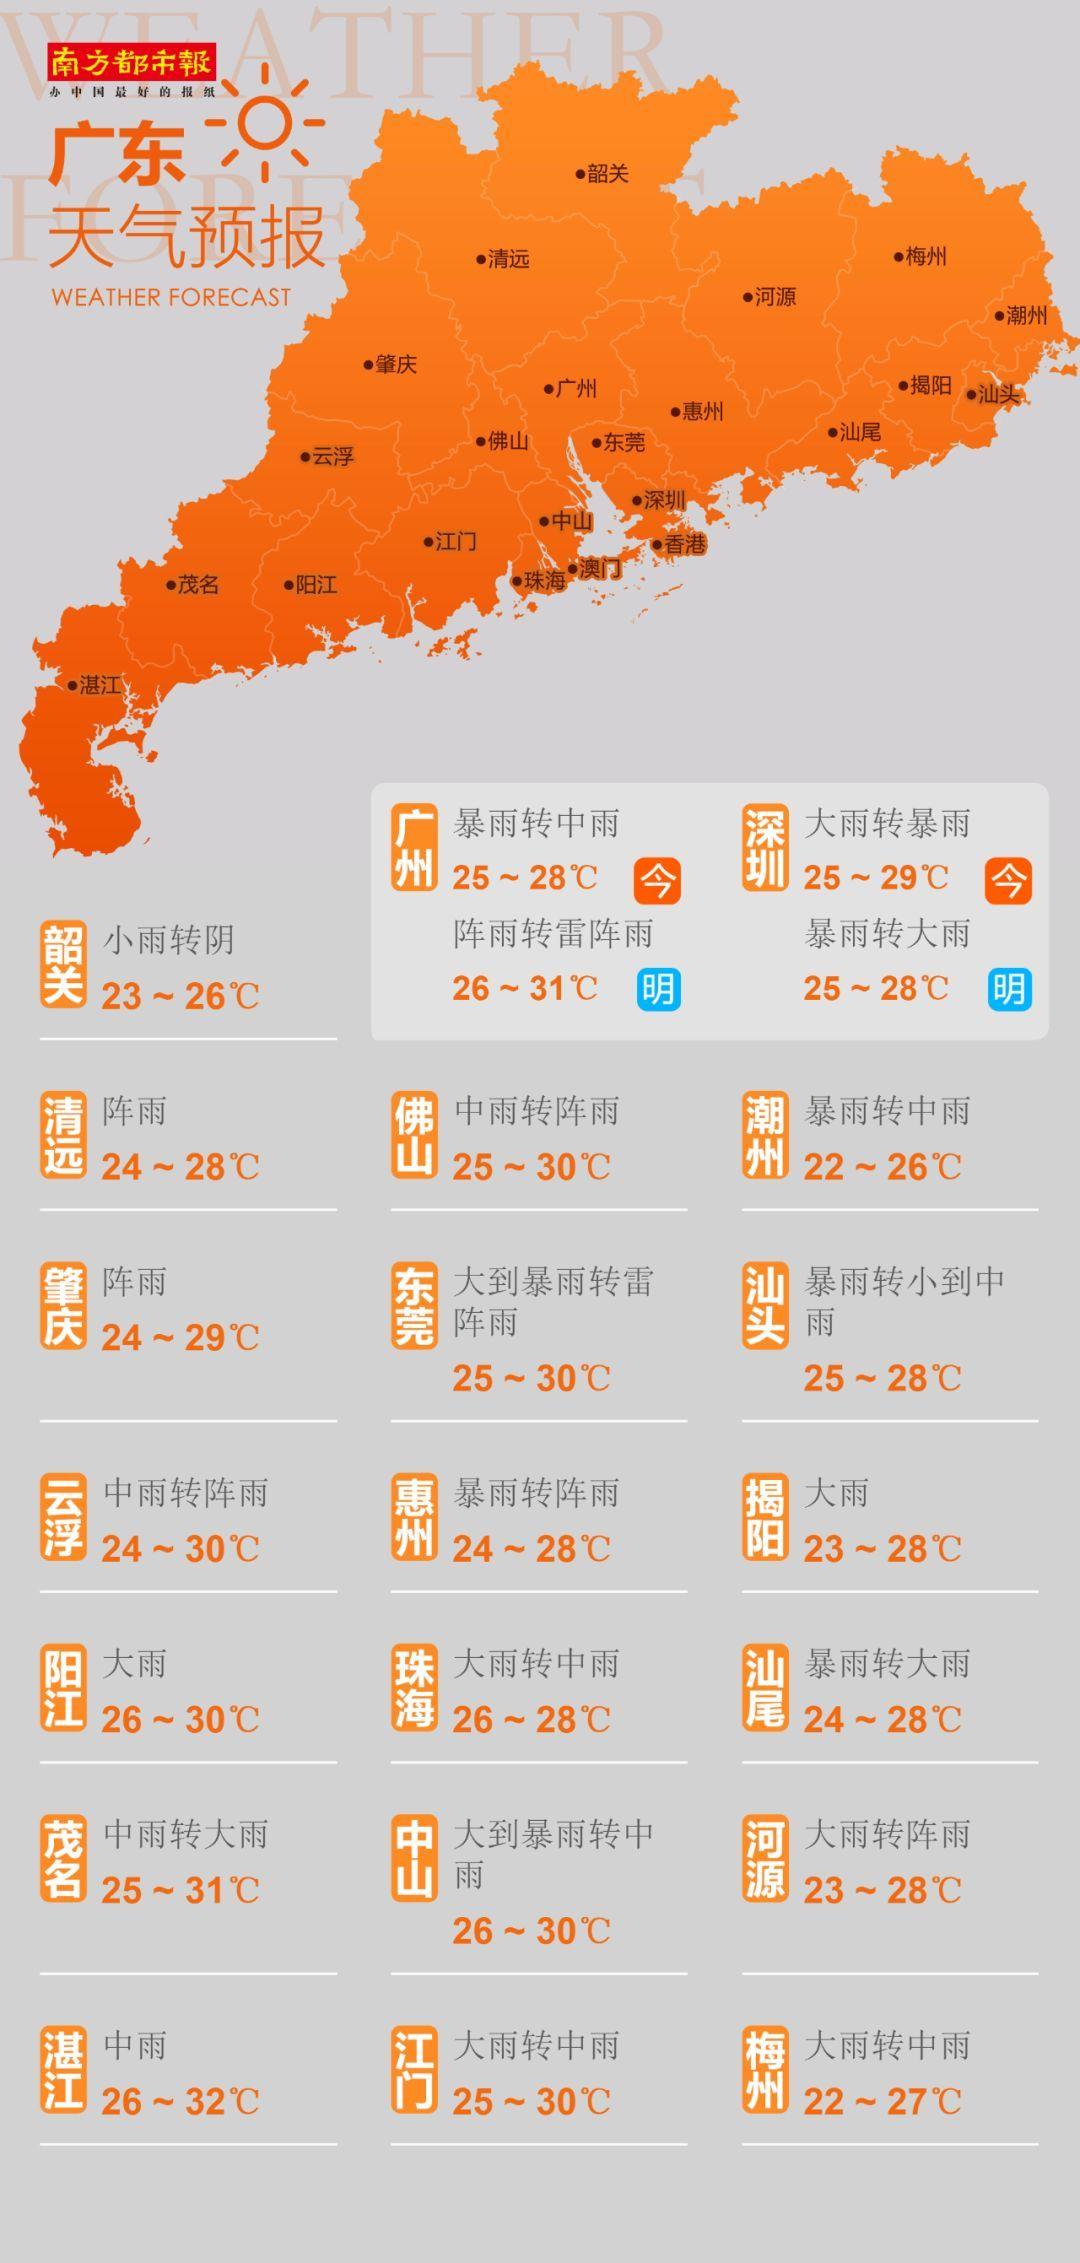 广东42个暴雨预警信号生效中!广州可延迟上学!是否停工停课这里查   南都早餐